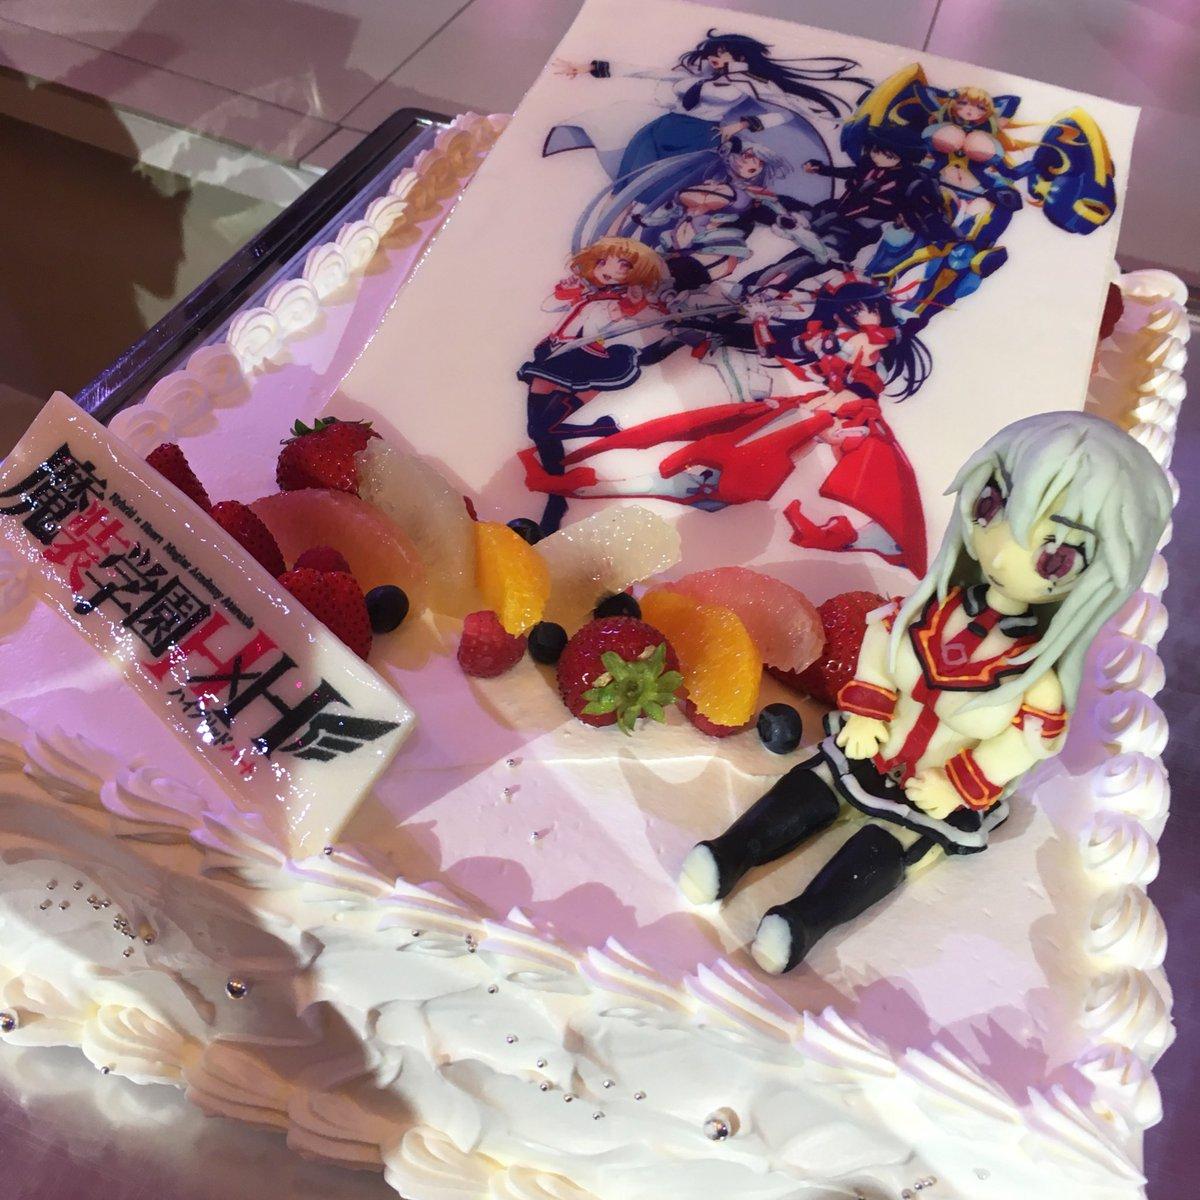 昨日は『魔装学園H×H』の打ち上げでしたー╰(*´︶`*)╯♡レイラとしてこの作品に携われて幸せです!ケーキもすごかった